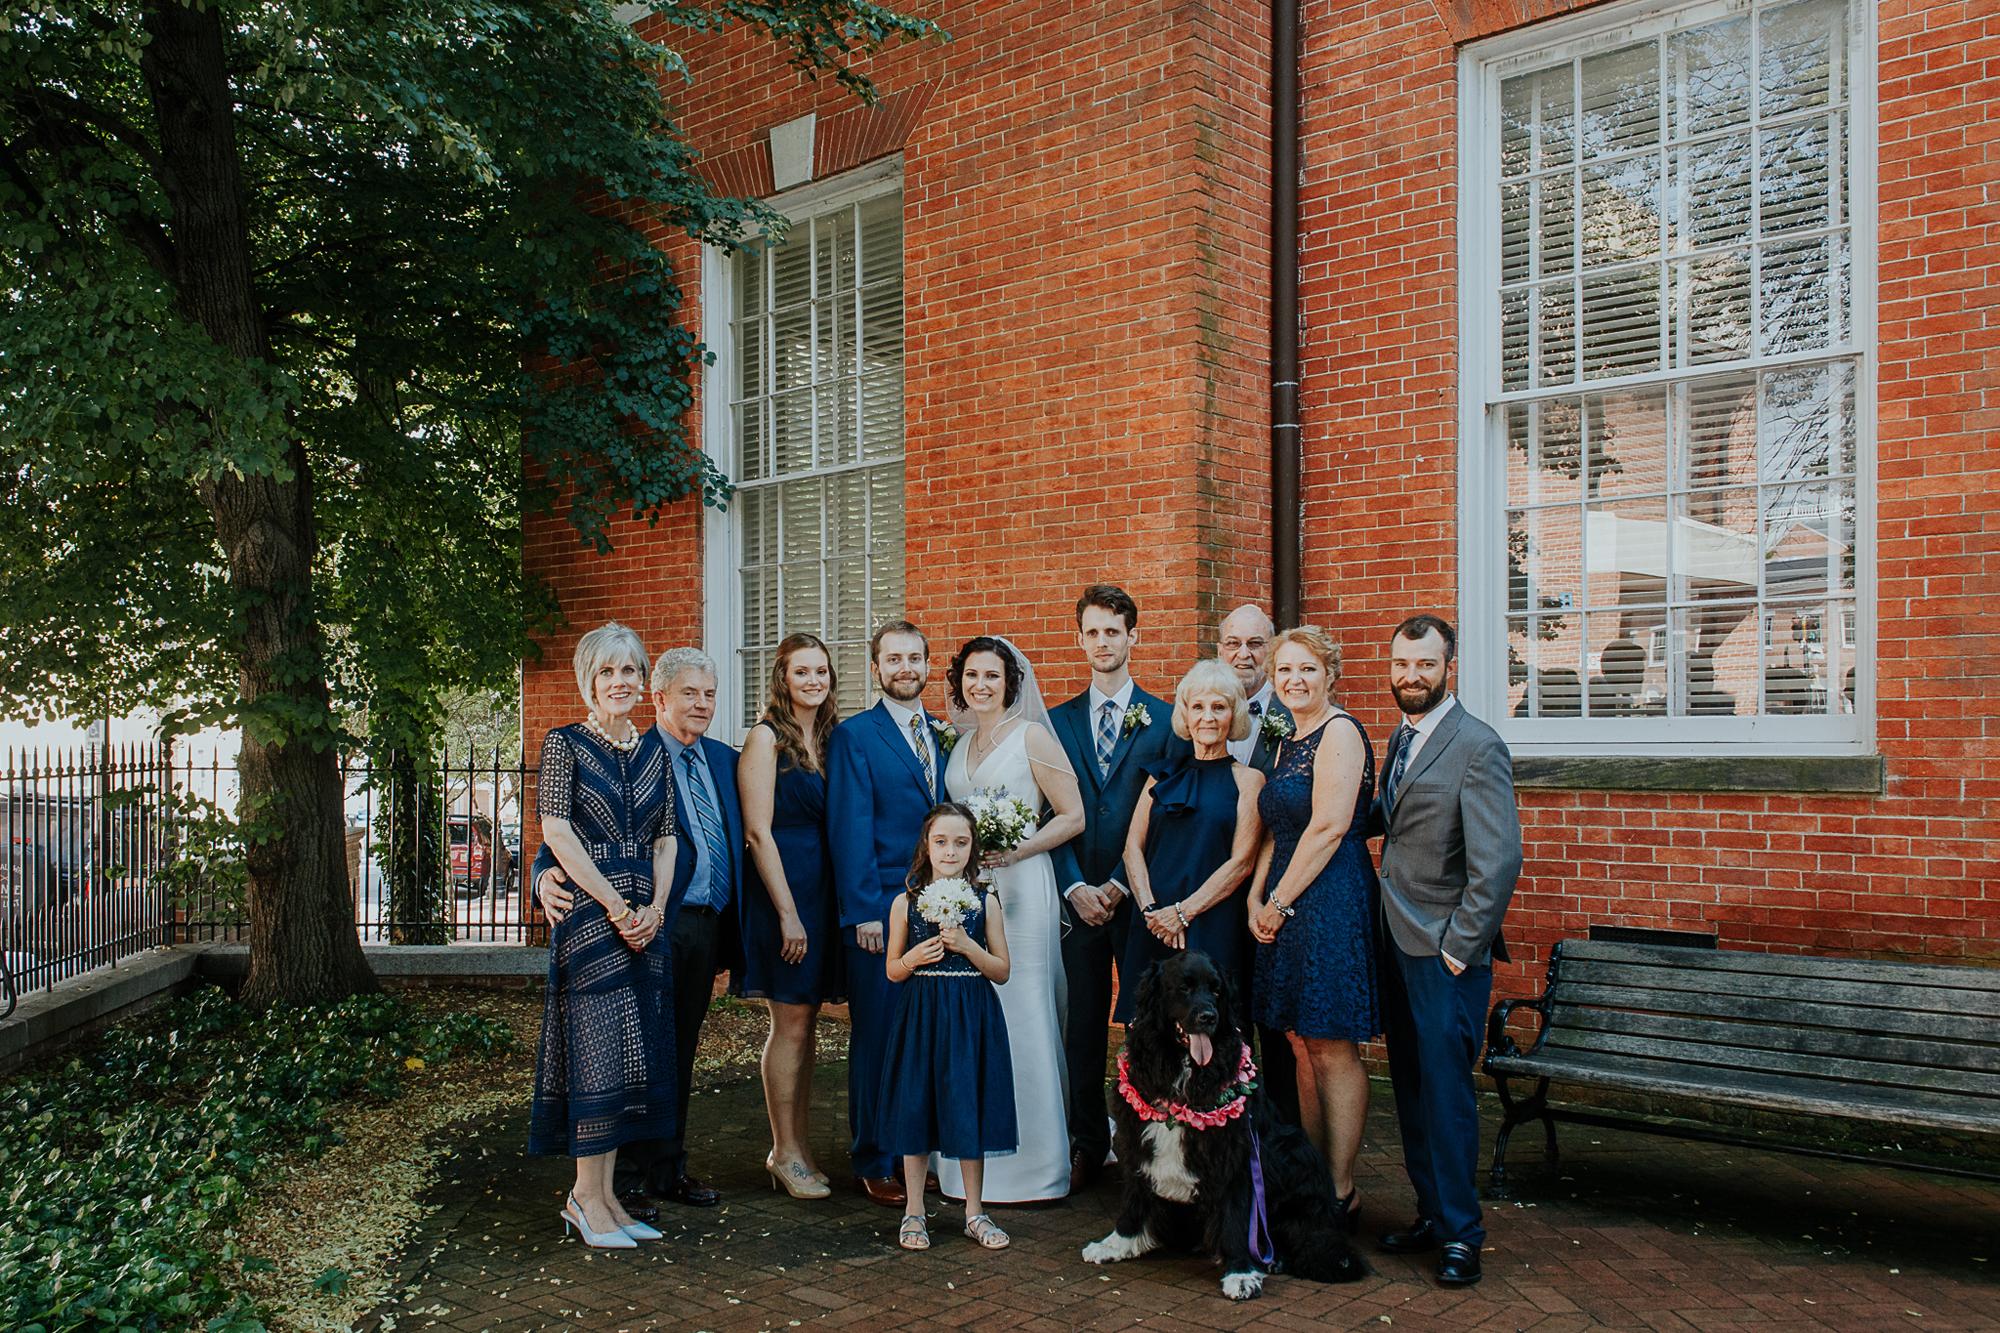 061-annapolis_courthouse_wedding.jpg